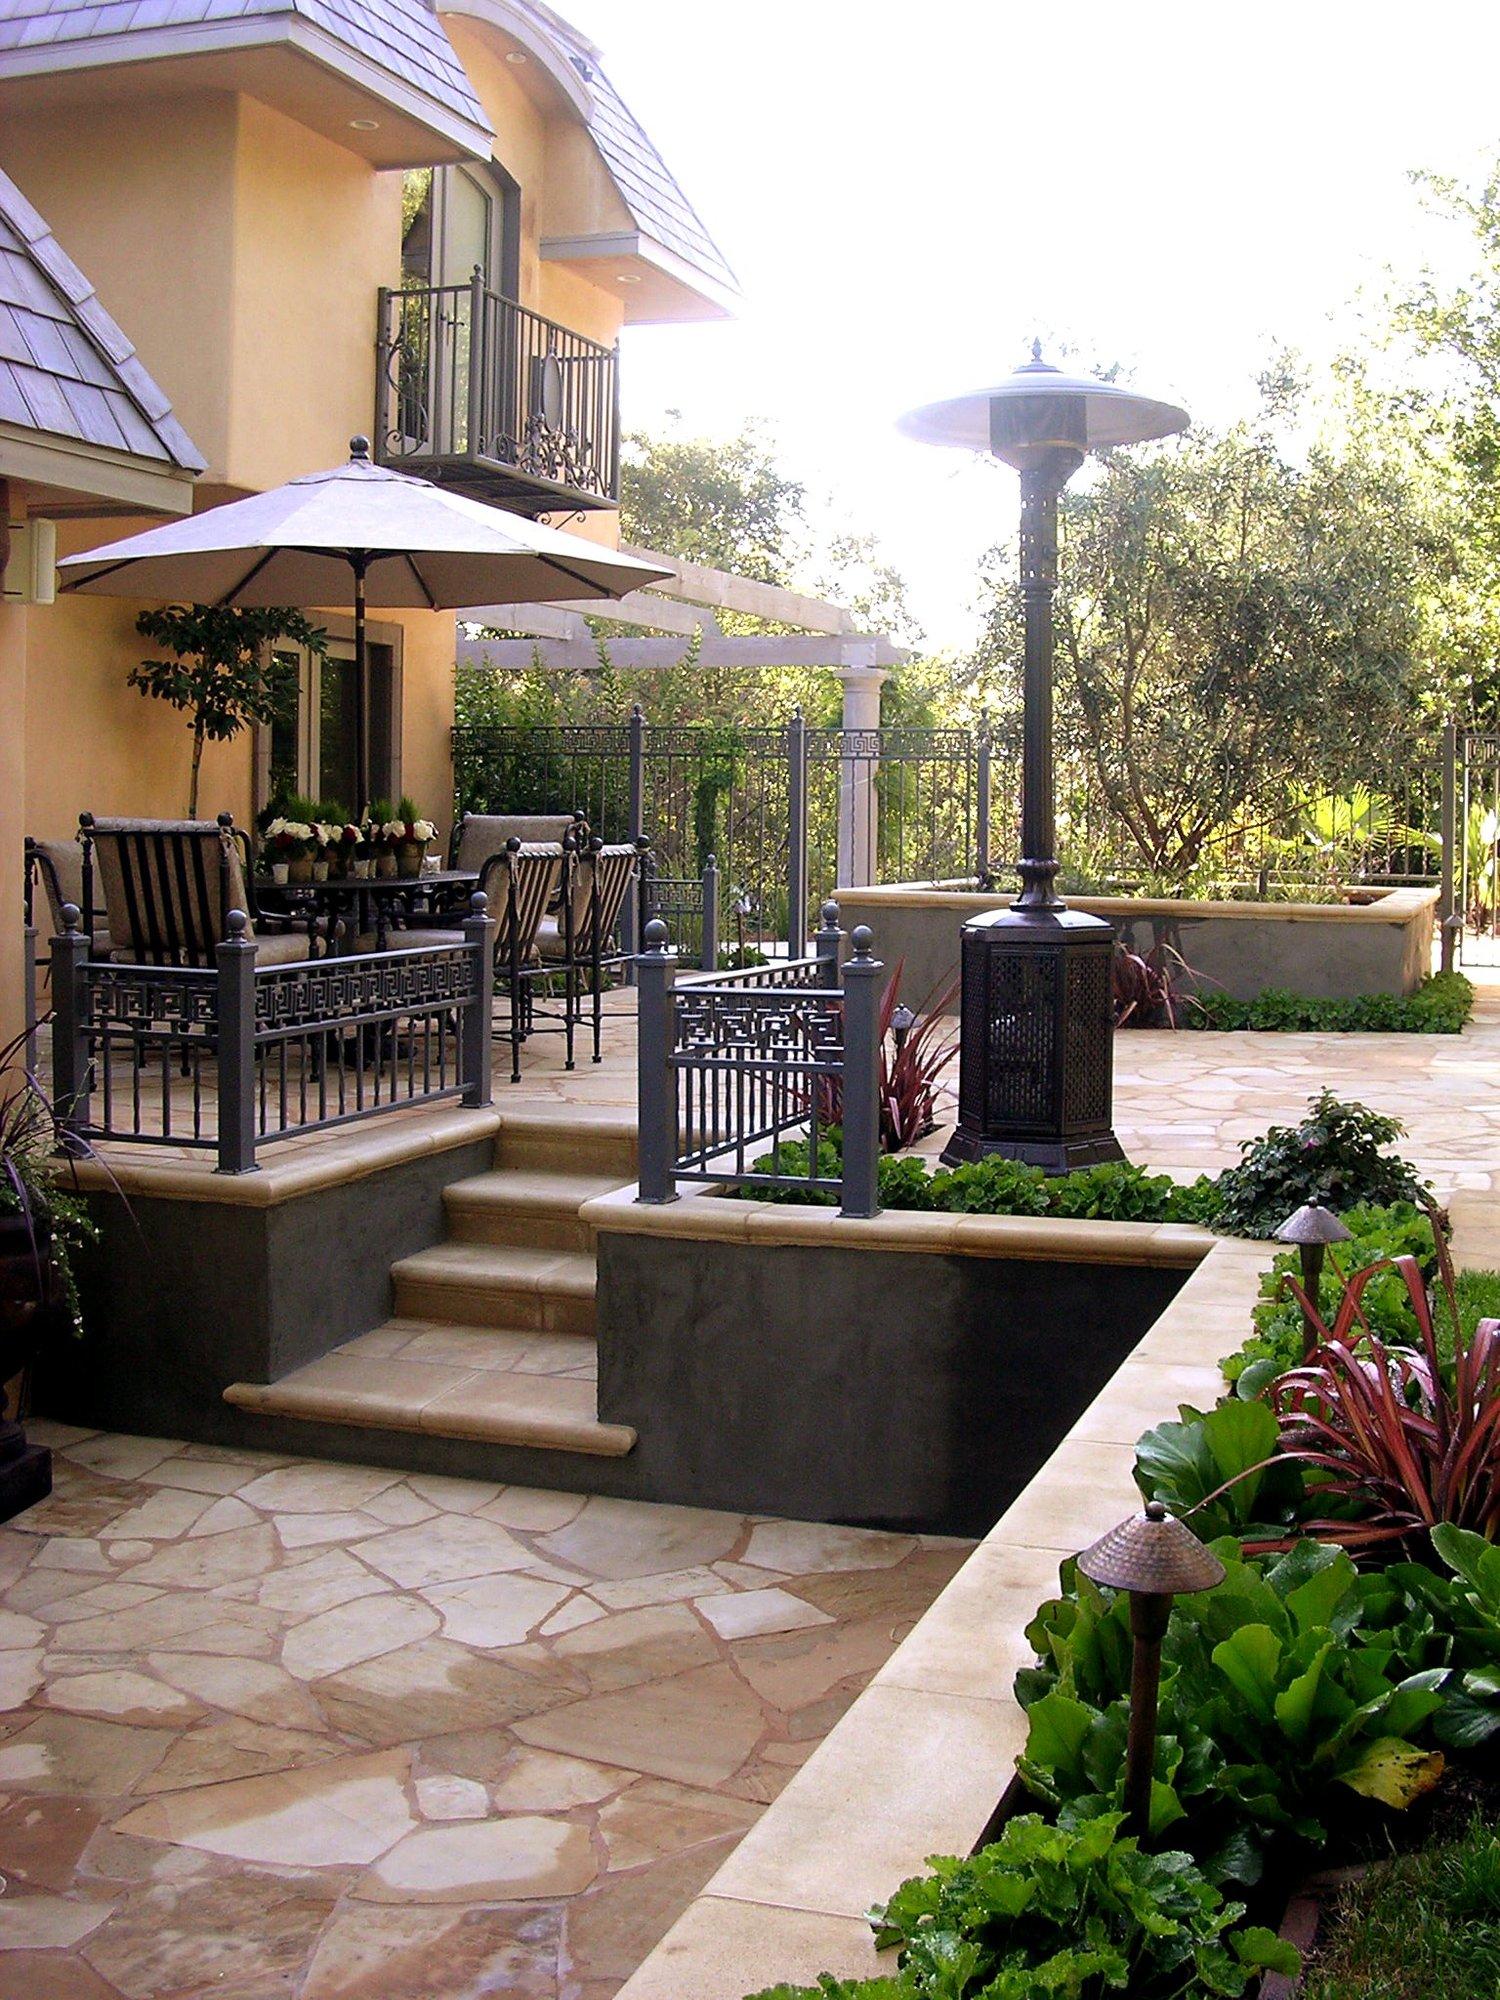 Villa+Tuscaloosa+garden+design_03.jpg